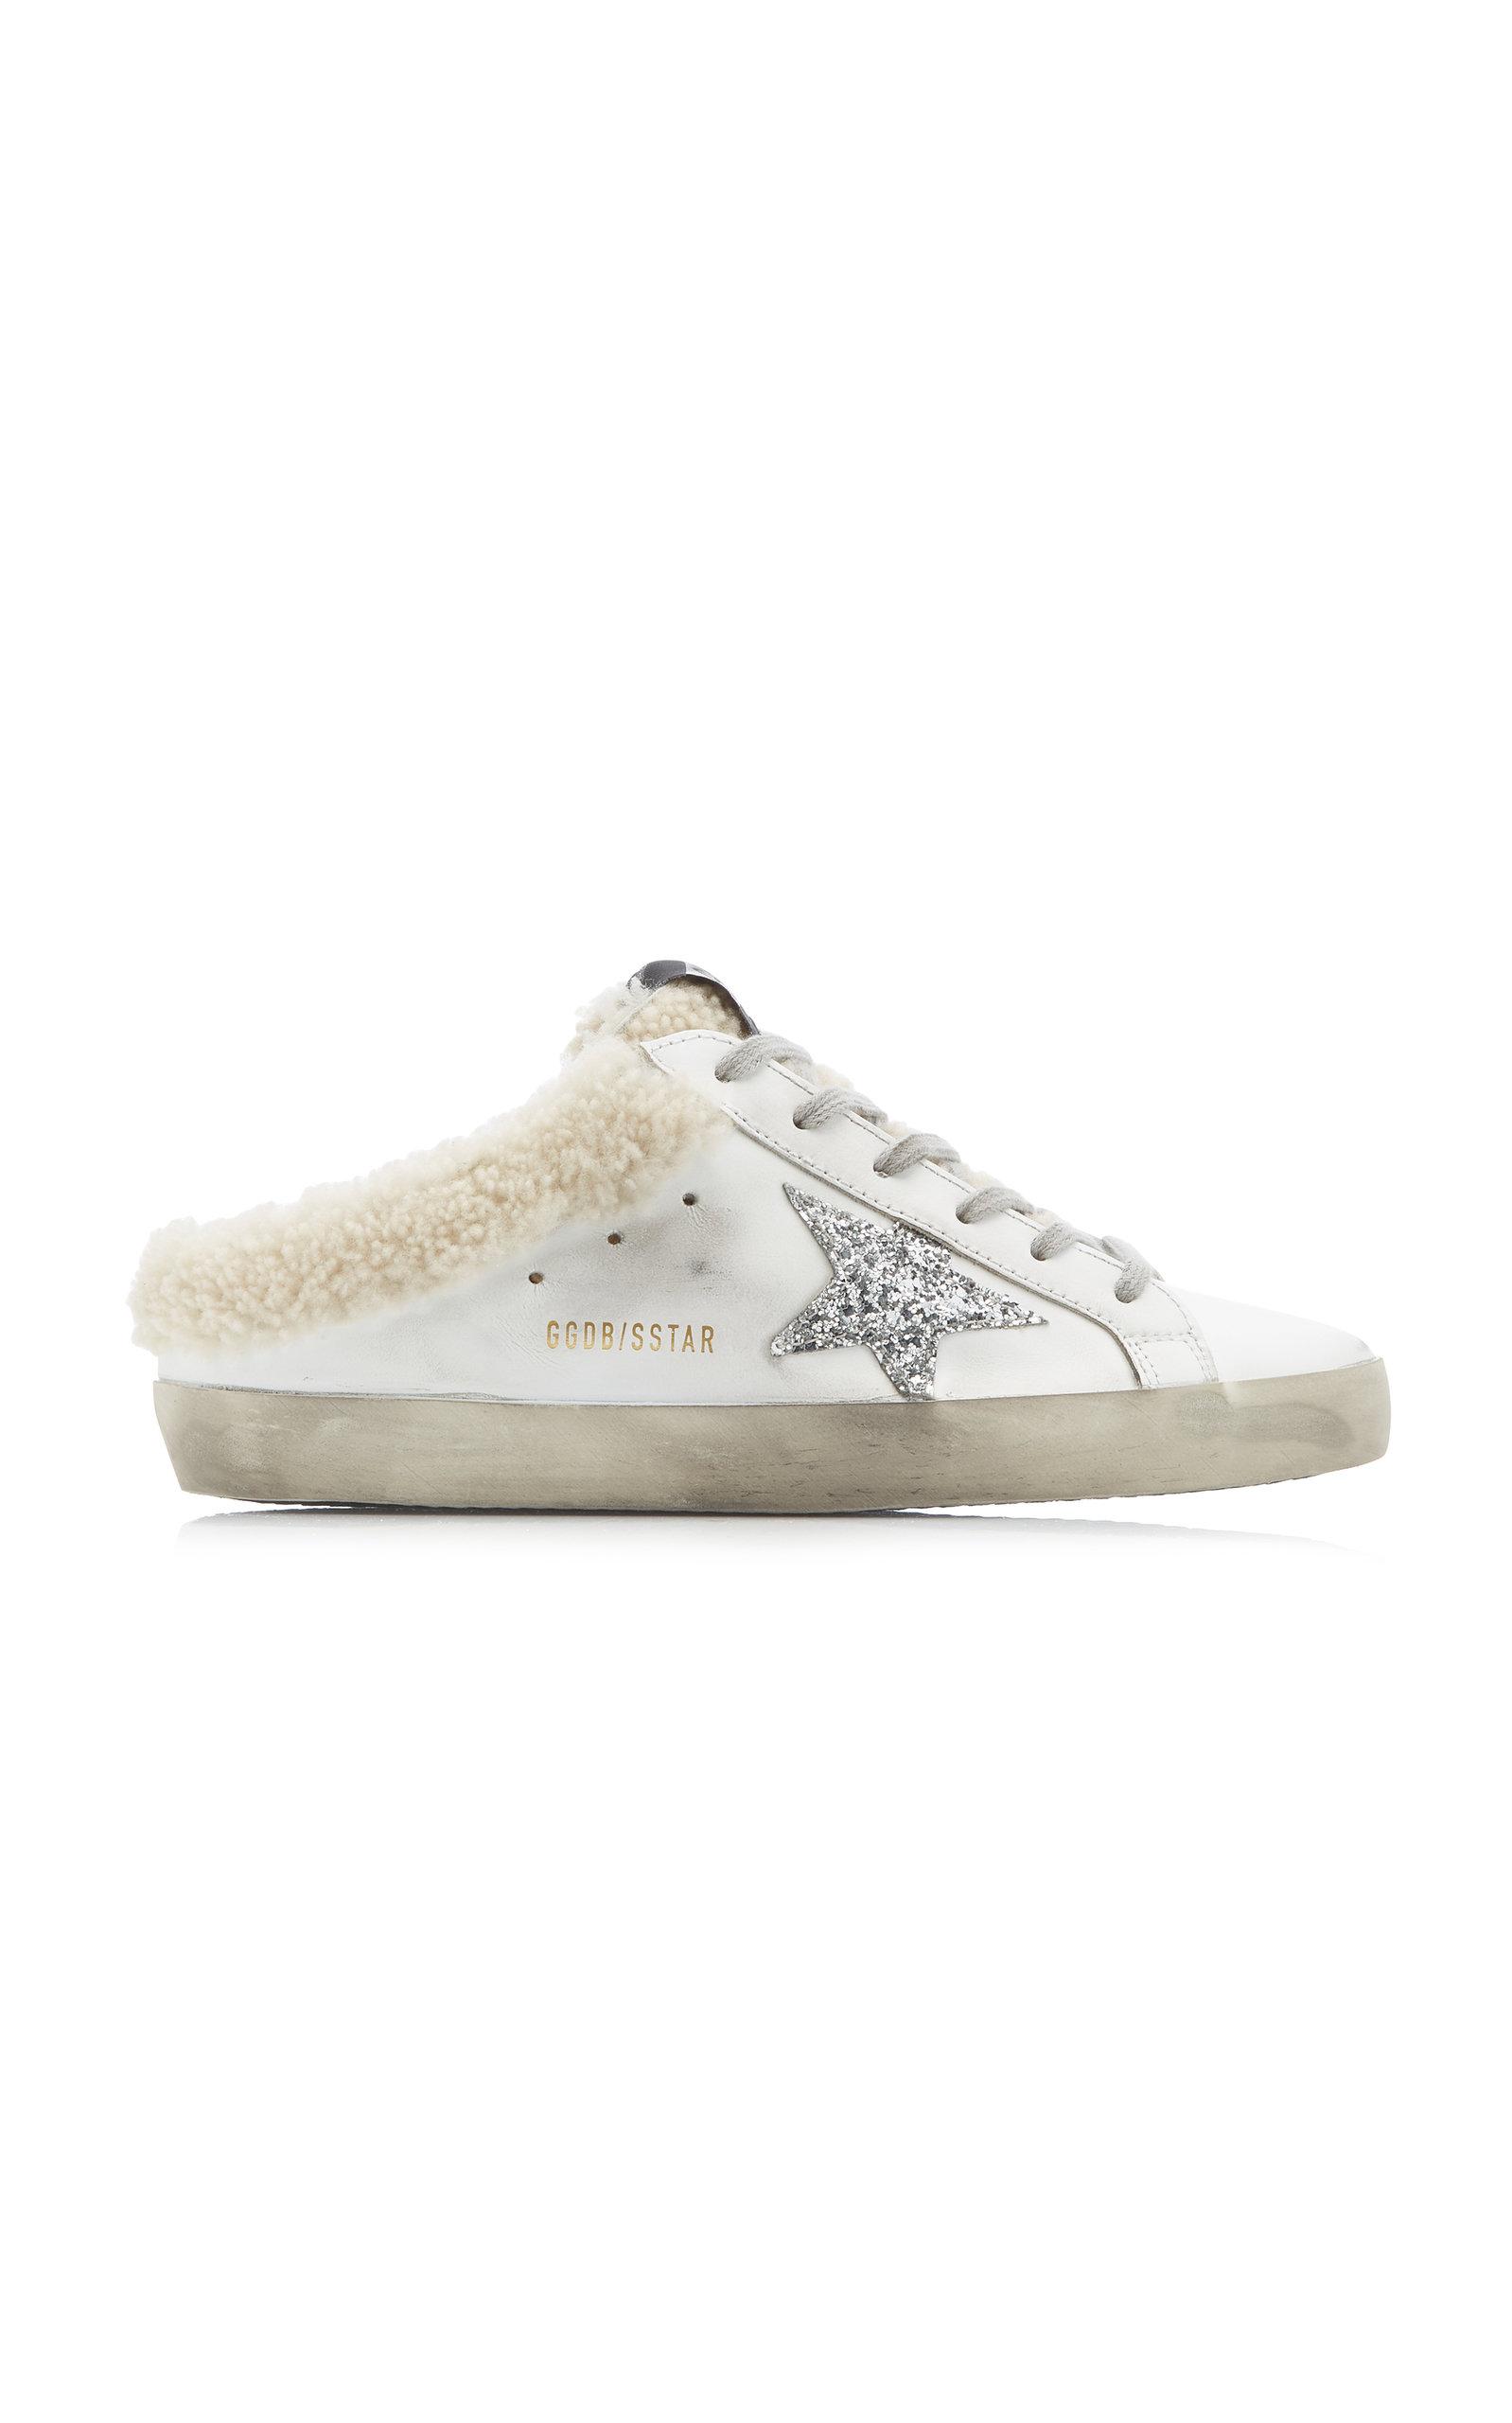 Golden Goose - Women's Superstar Sabot Shearling-Lined Leather Slip-On Sneakers - White - Moda Operandi